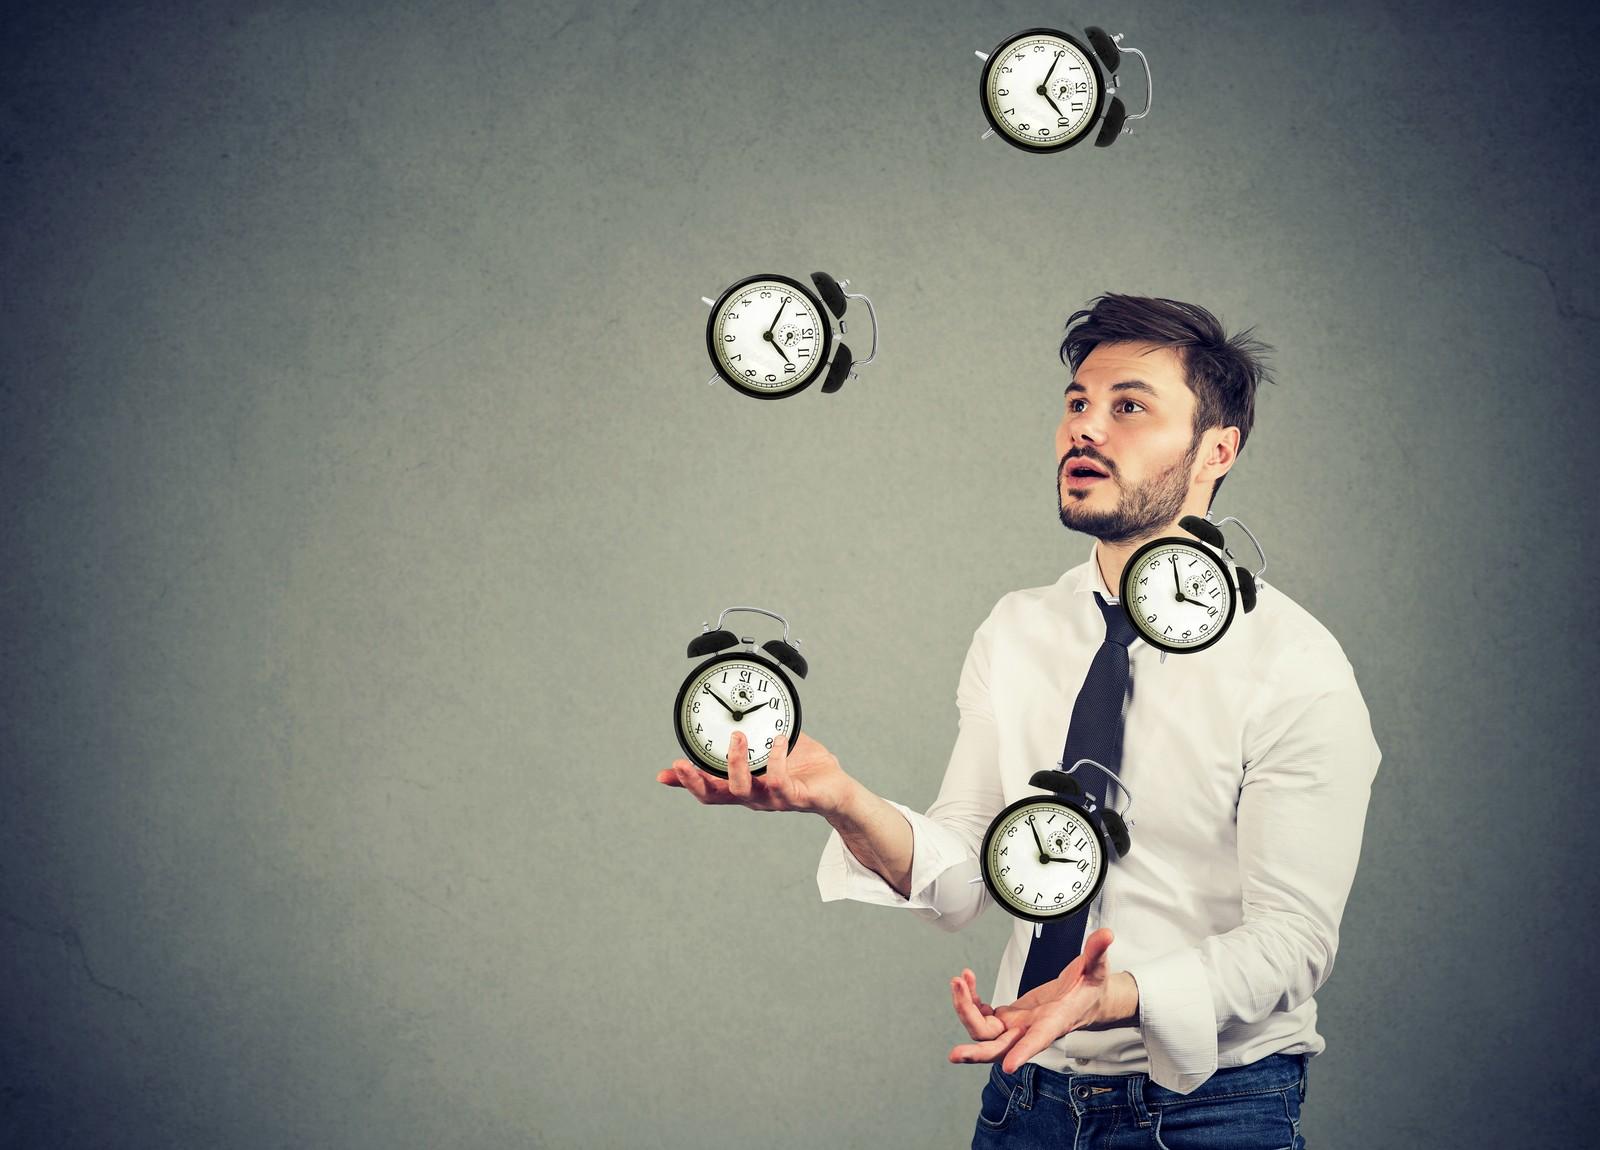 Mit der richtigen Zeitplanung gelingt das leichter.